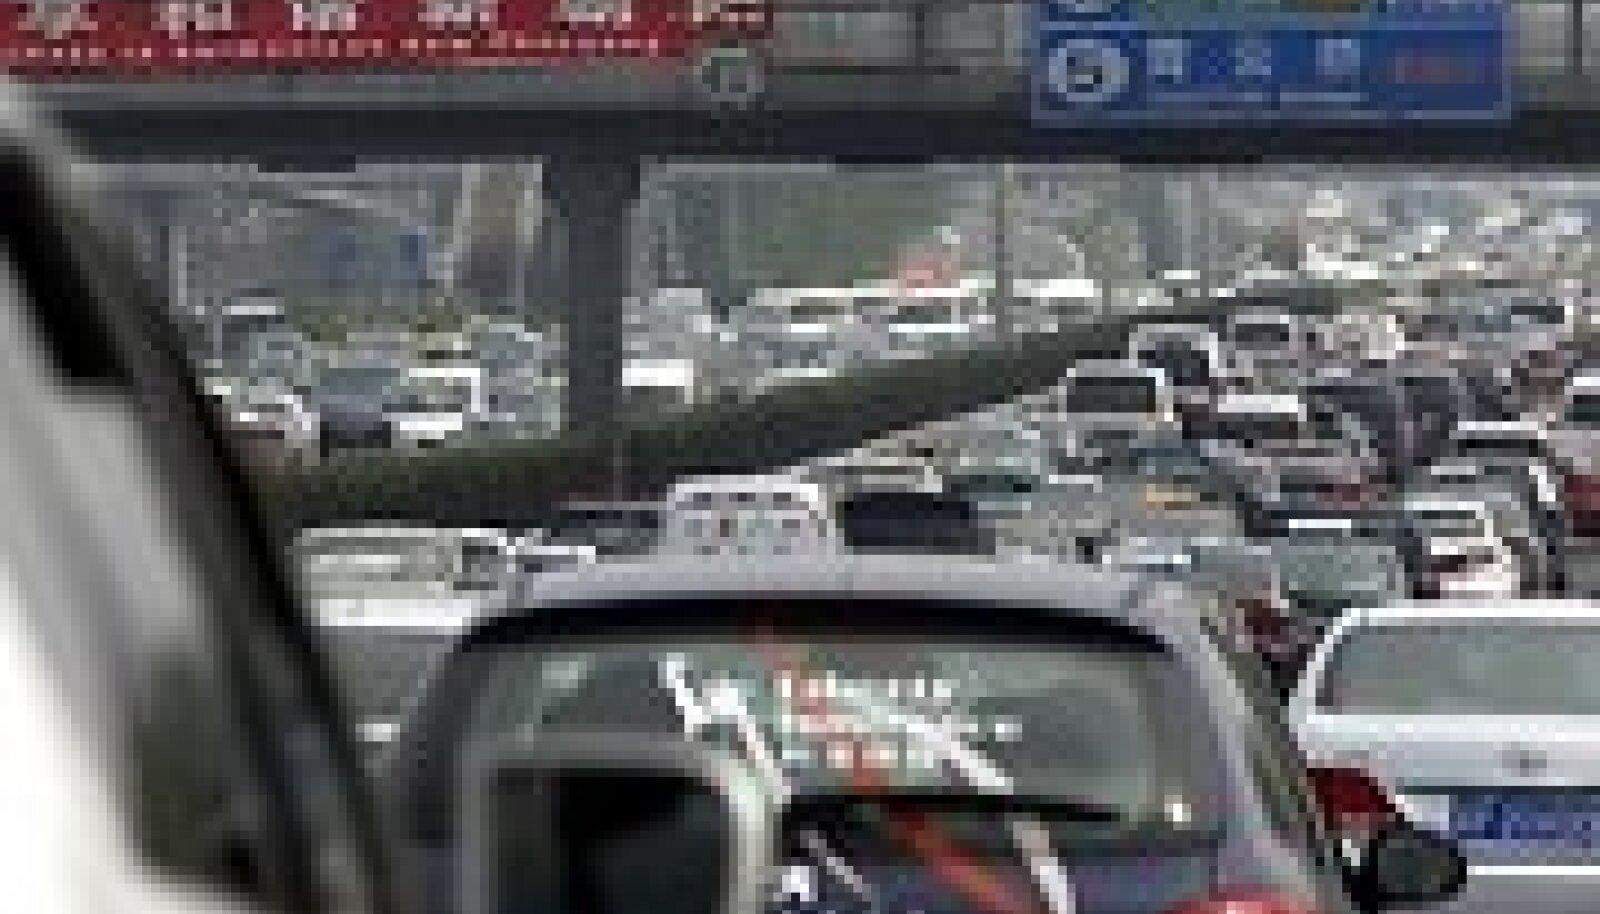 Hiina on maailma suurim autoturg ja kiireim autostuja. Foto Facid Gray, Reuters